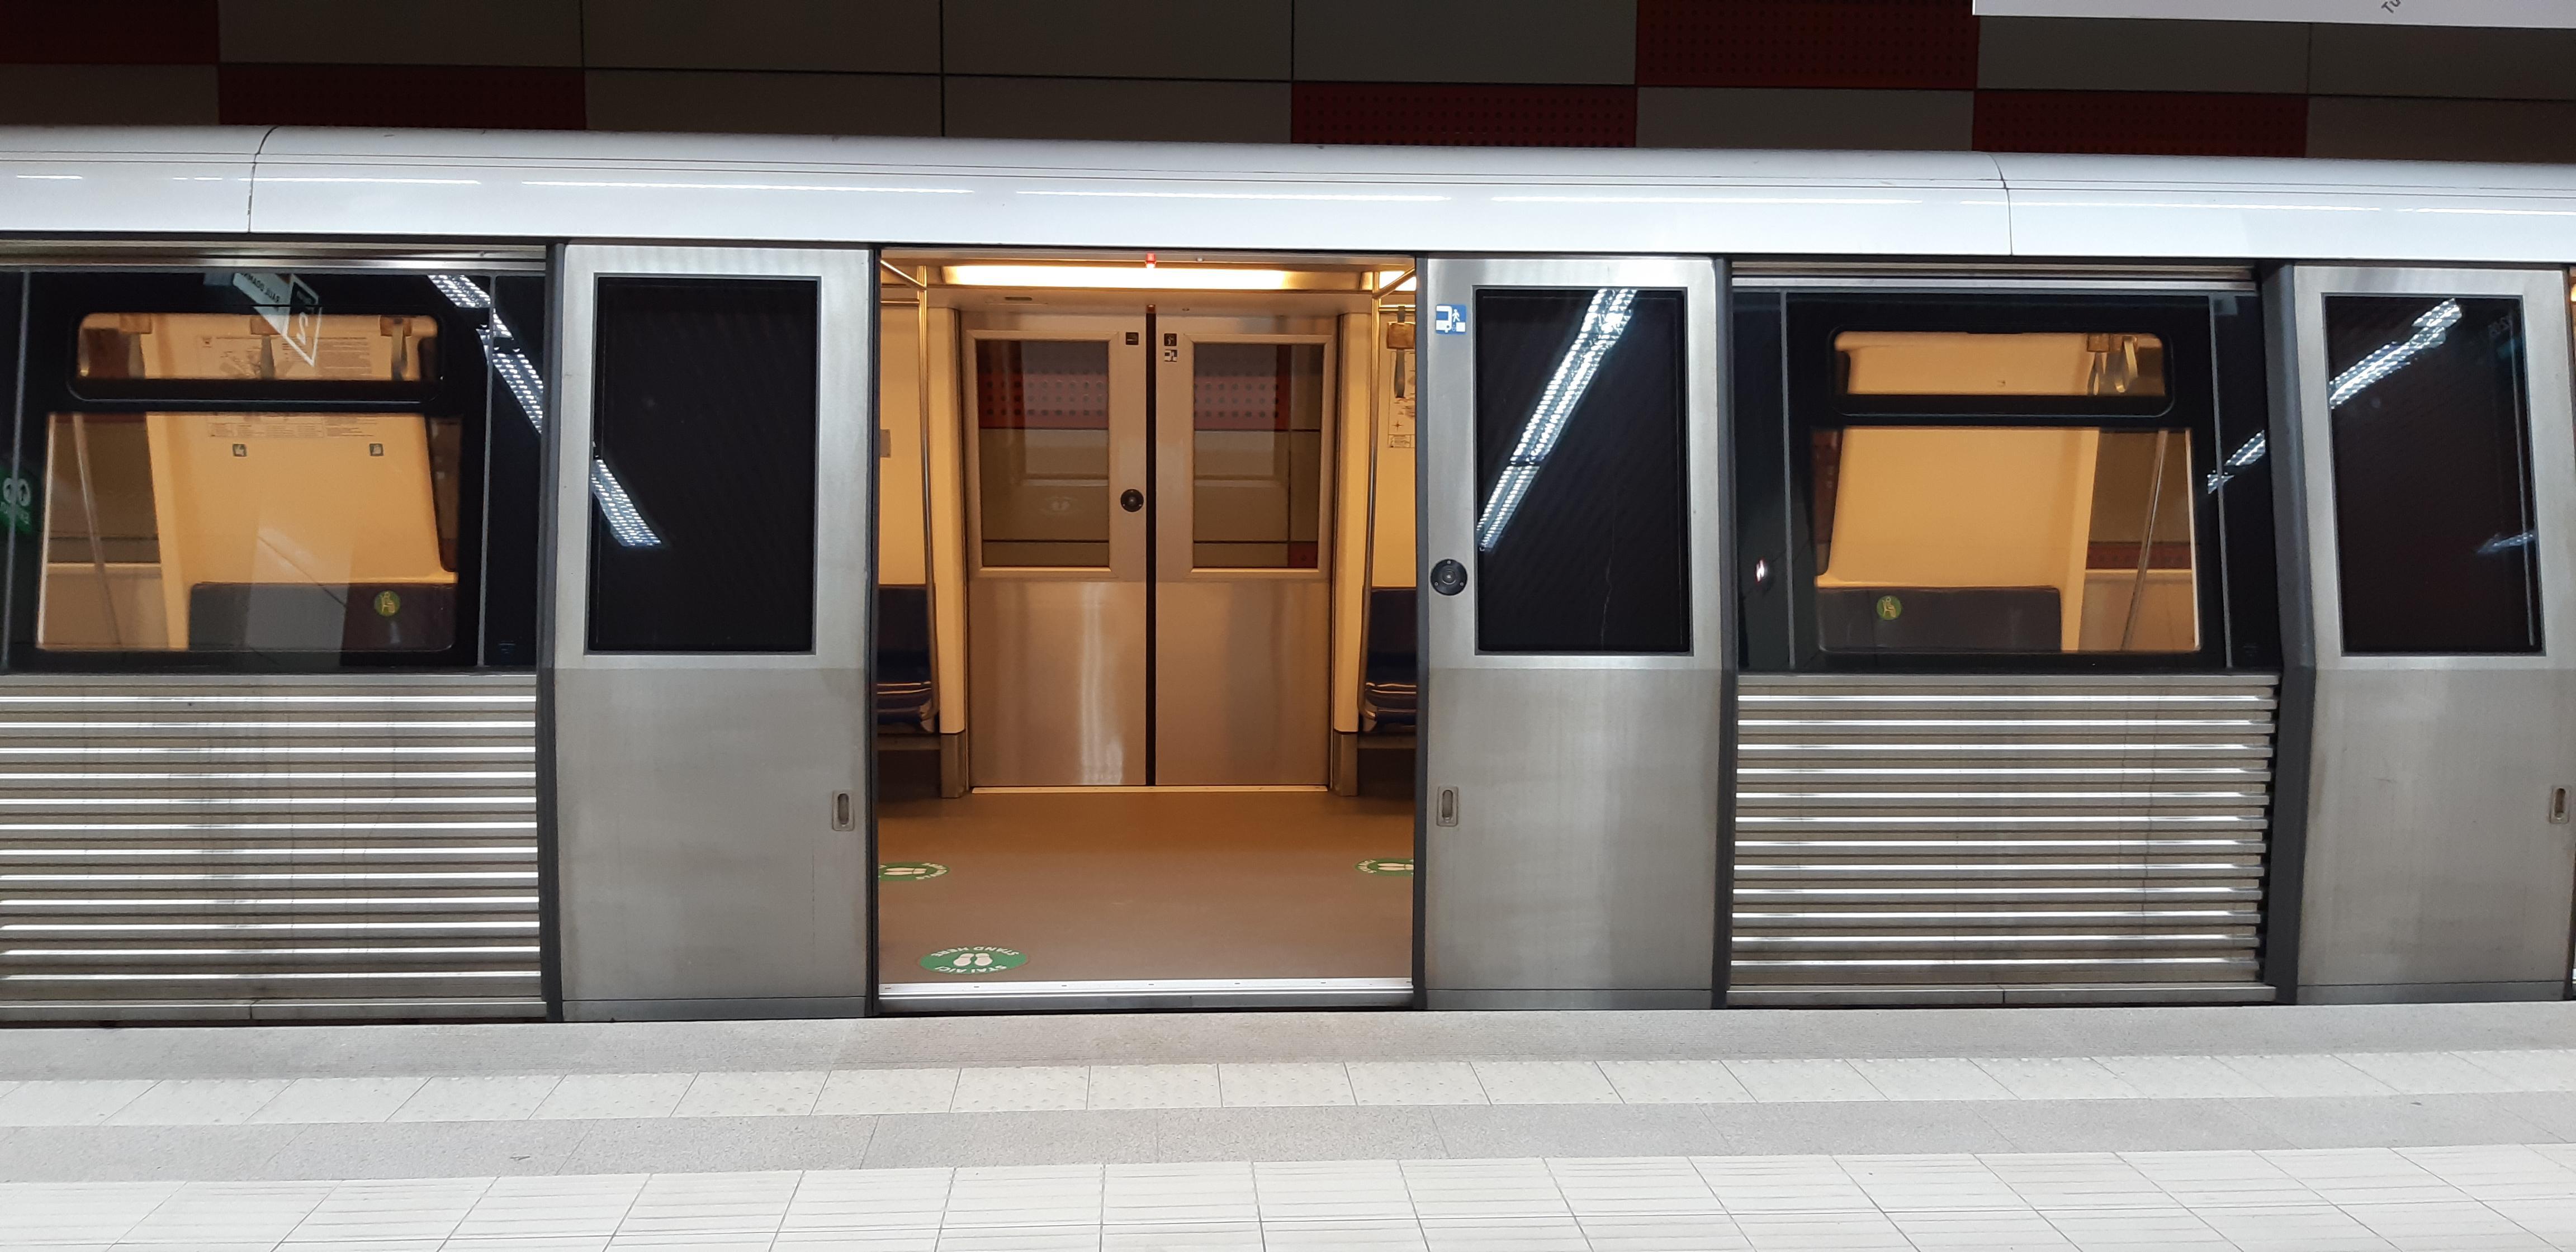 Cum să mergi gratis cu metroul din București. O campanie Metrorex, dedicată reciclării deșeurilor. Ce condiții sunt